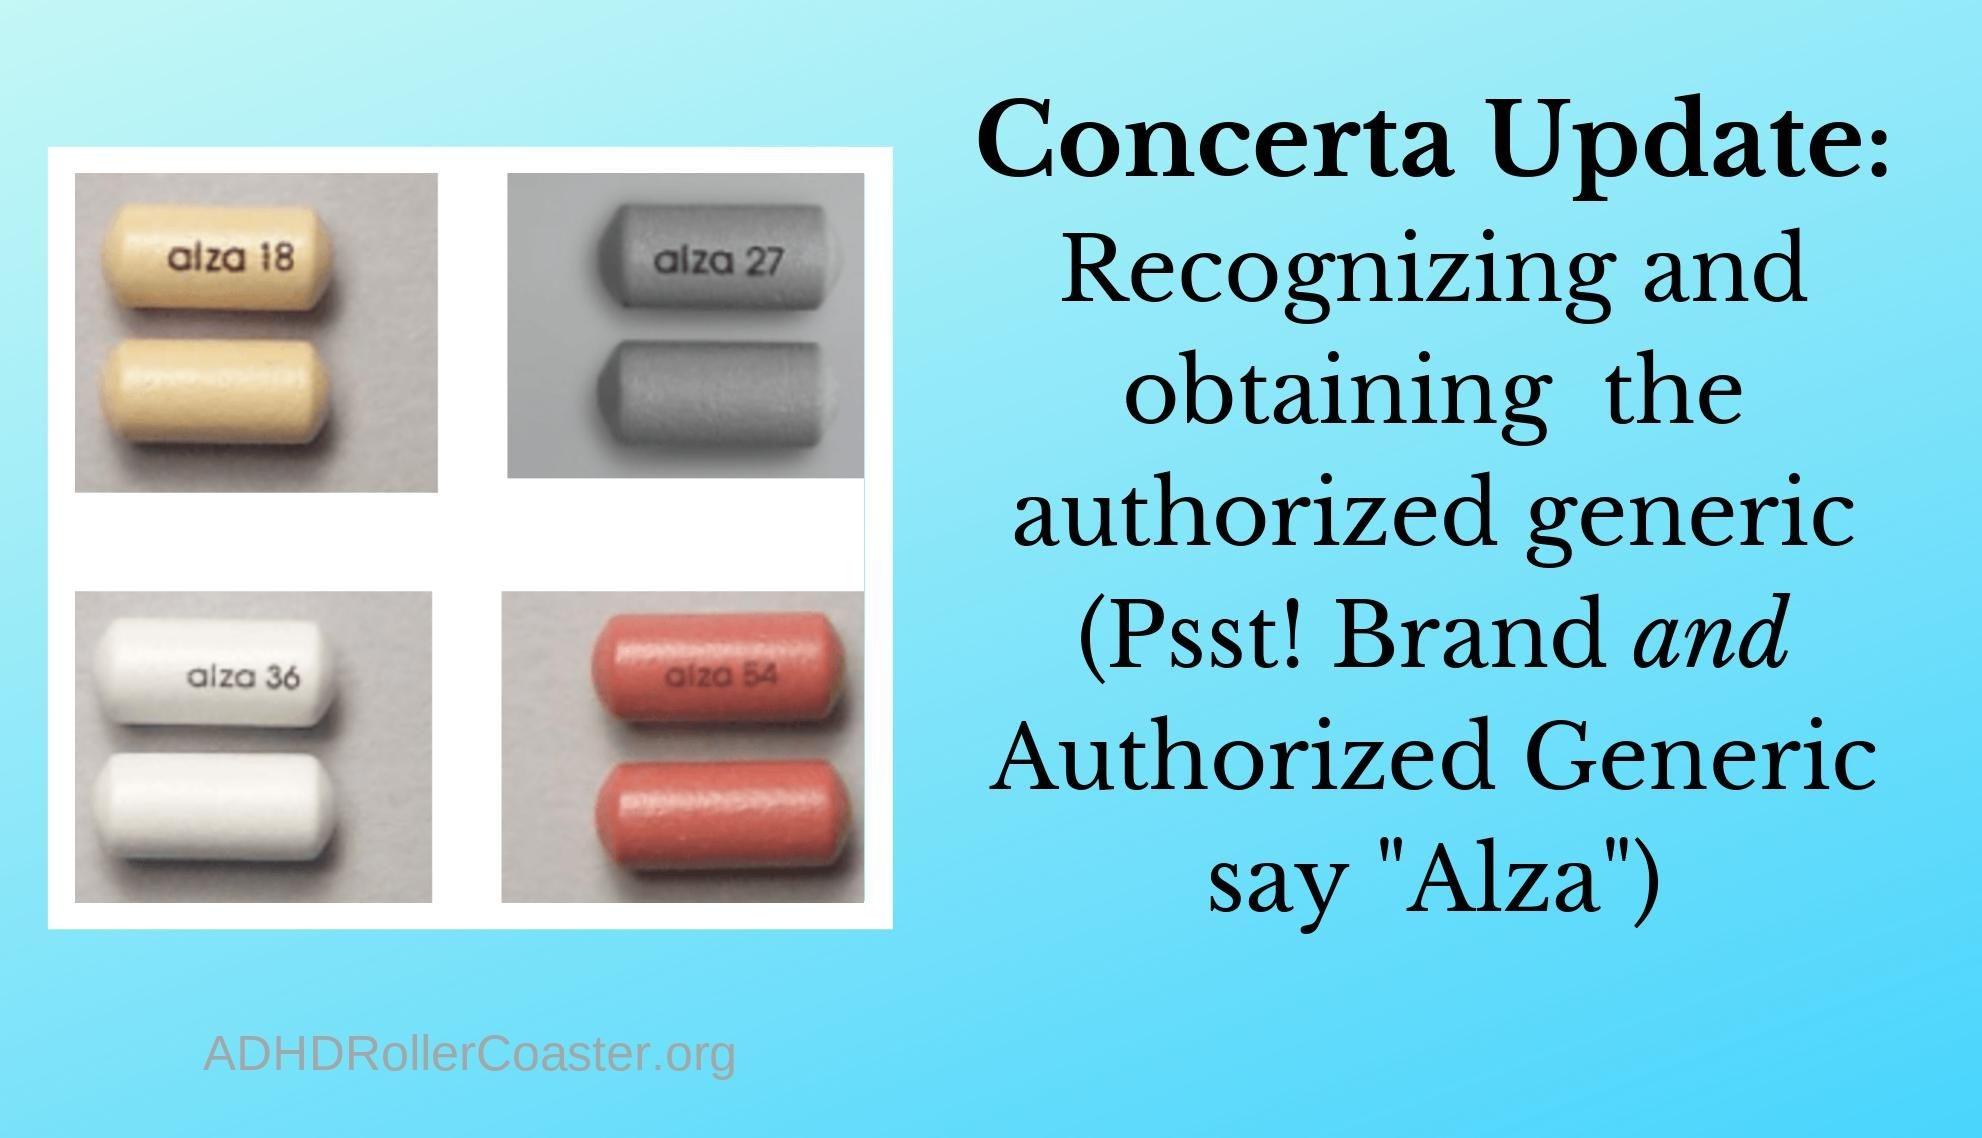 Authorized Generic Concerta Update: 3/9/20 -